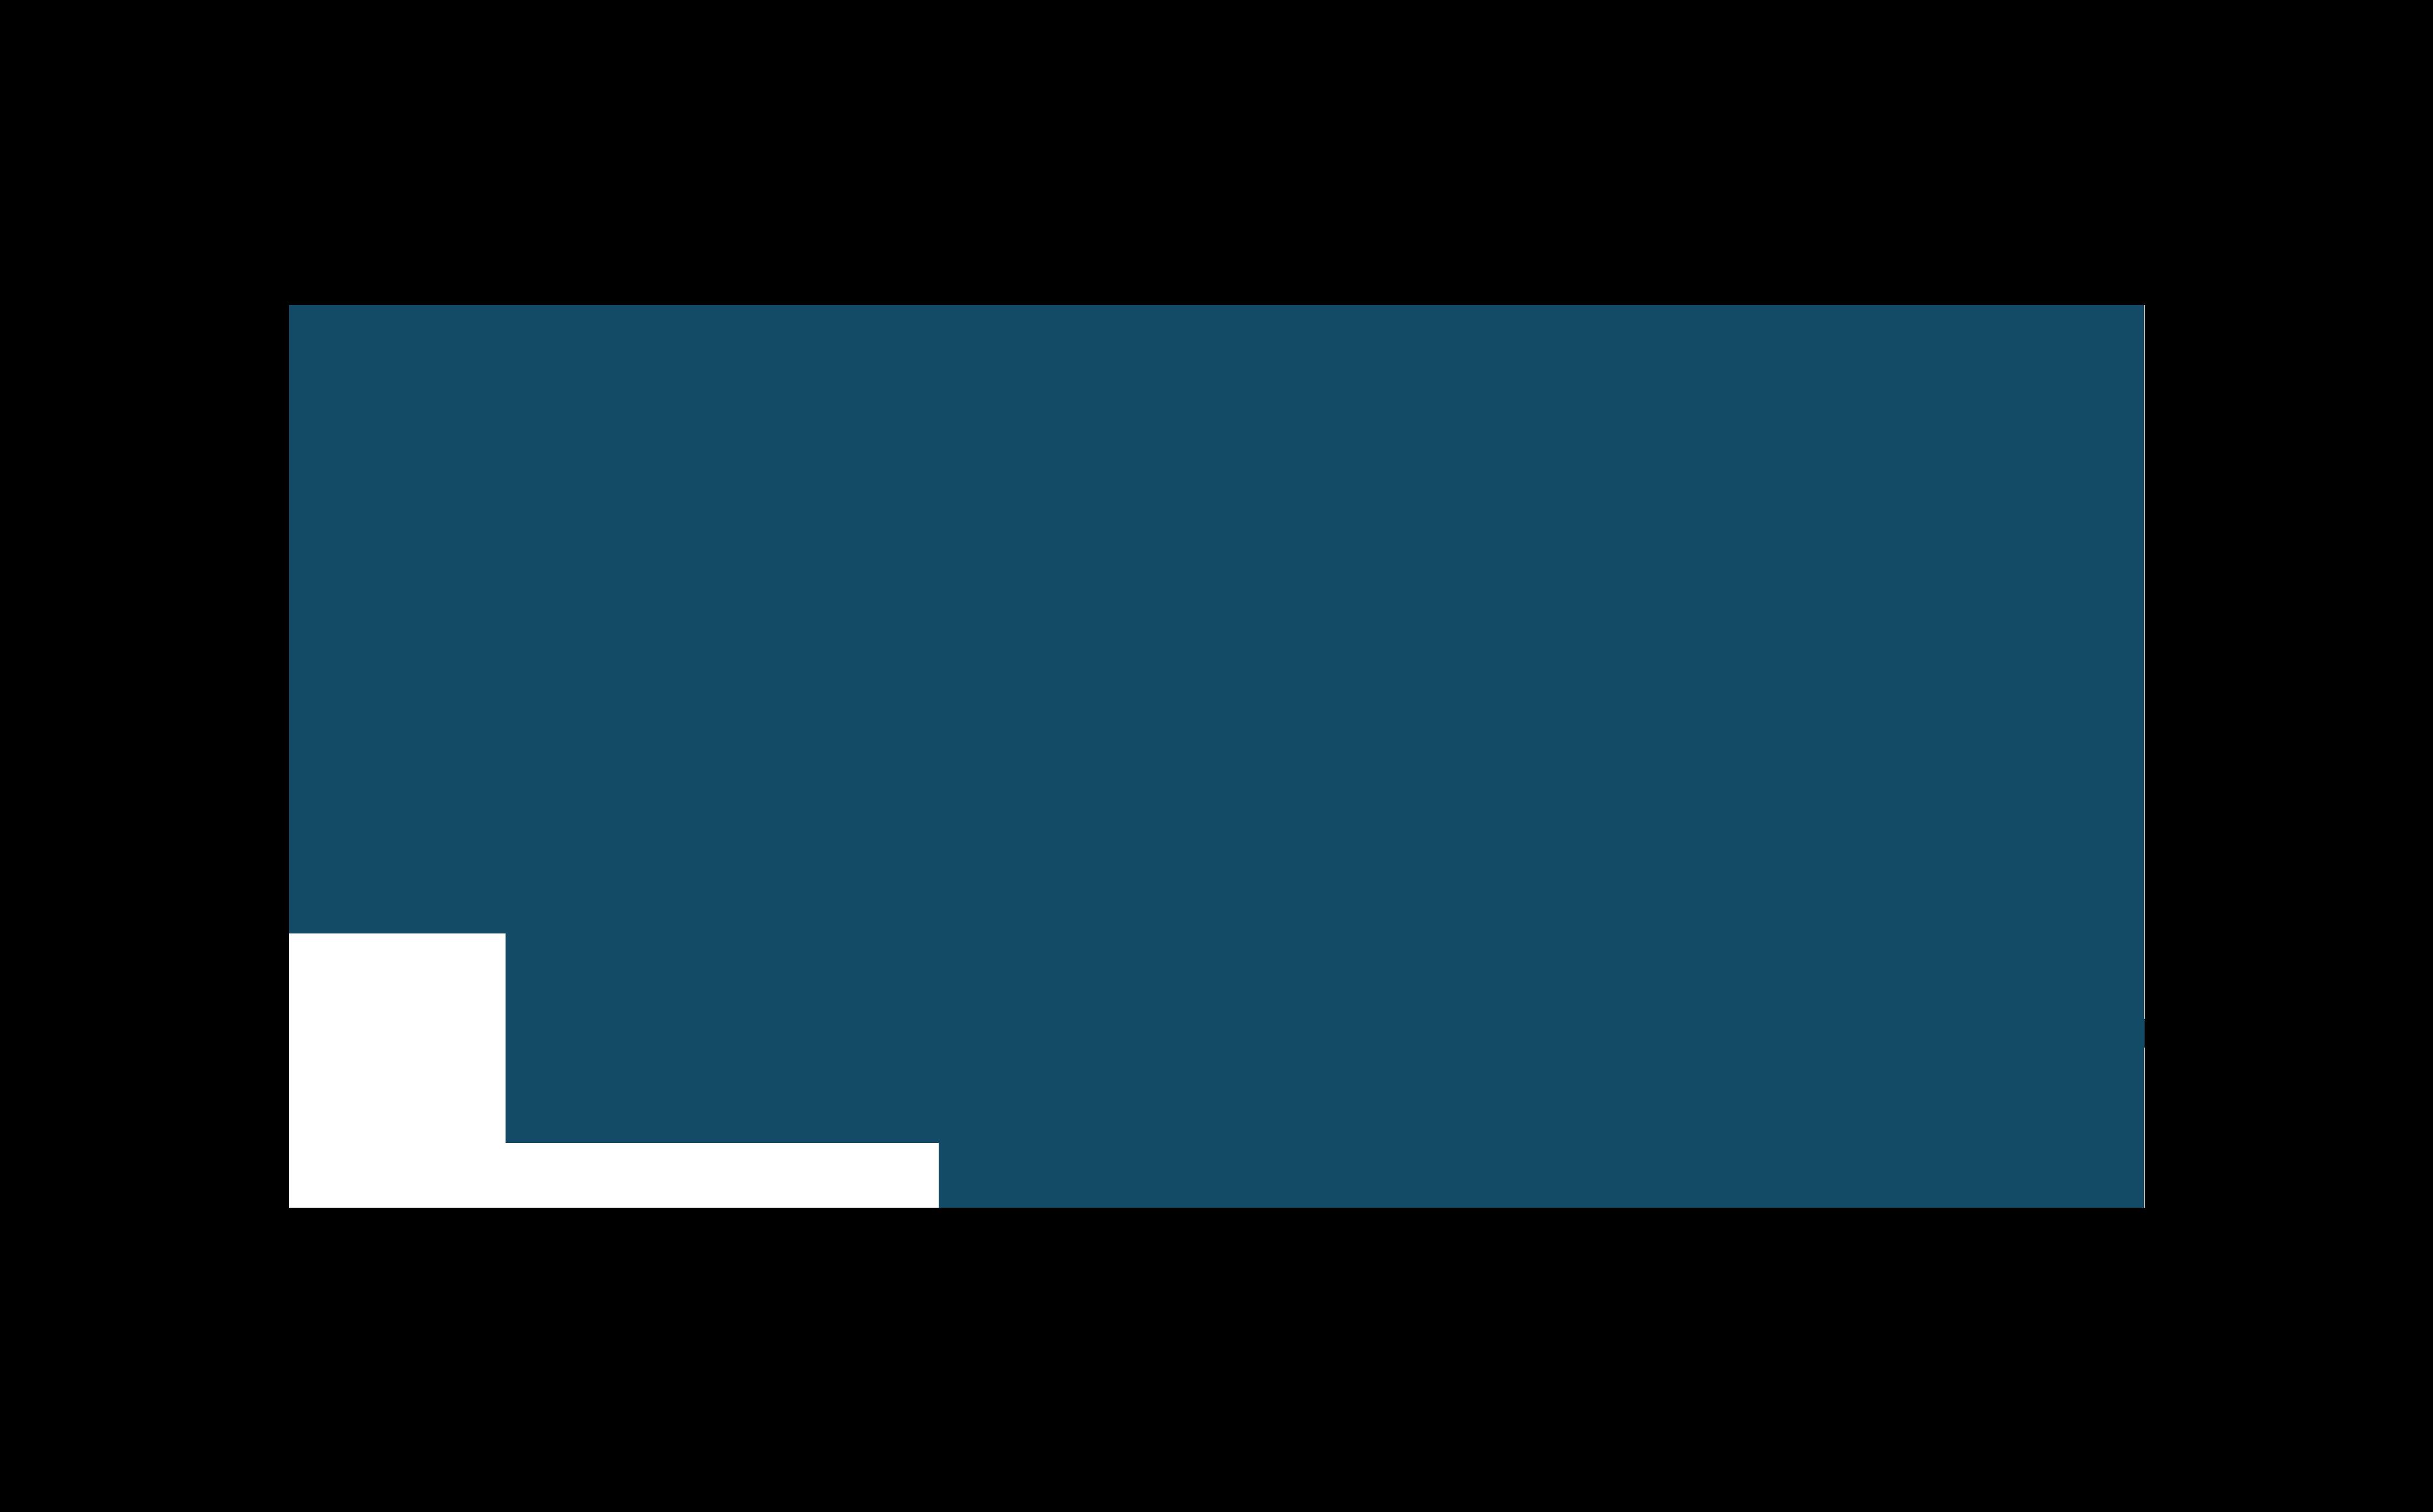 Les Ateliers de Paris partenaires de la campagne Savoir pour Faire